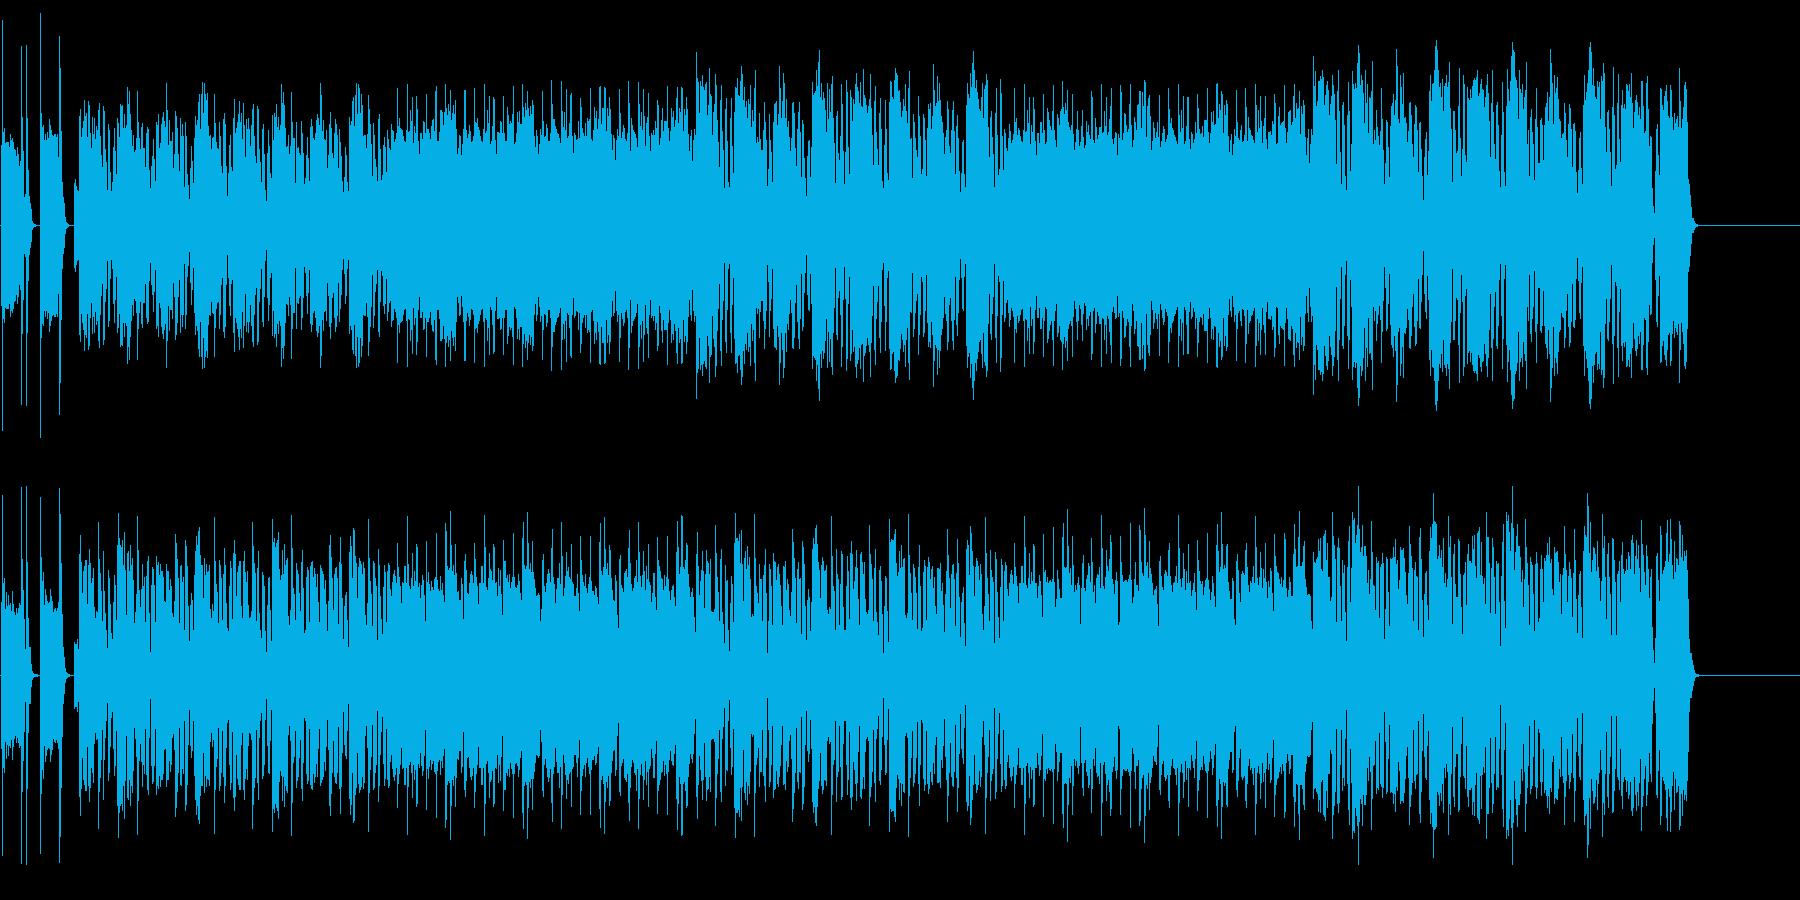 登場 フォーマル 格調 CM PRの再生済みの波形